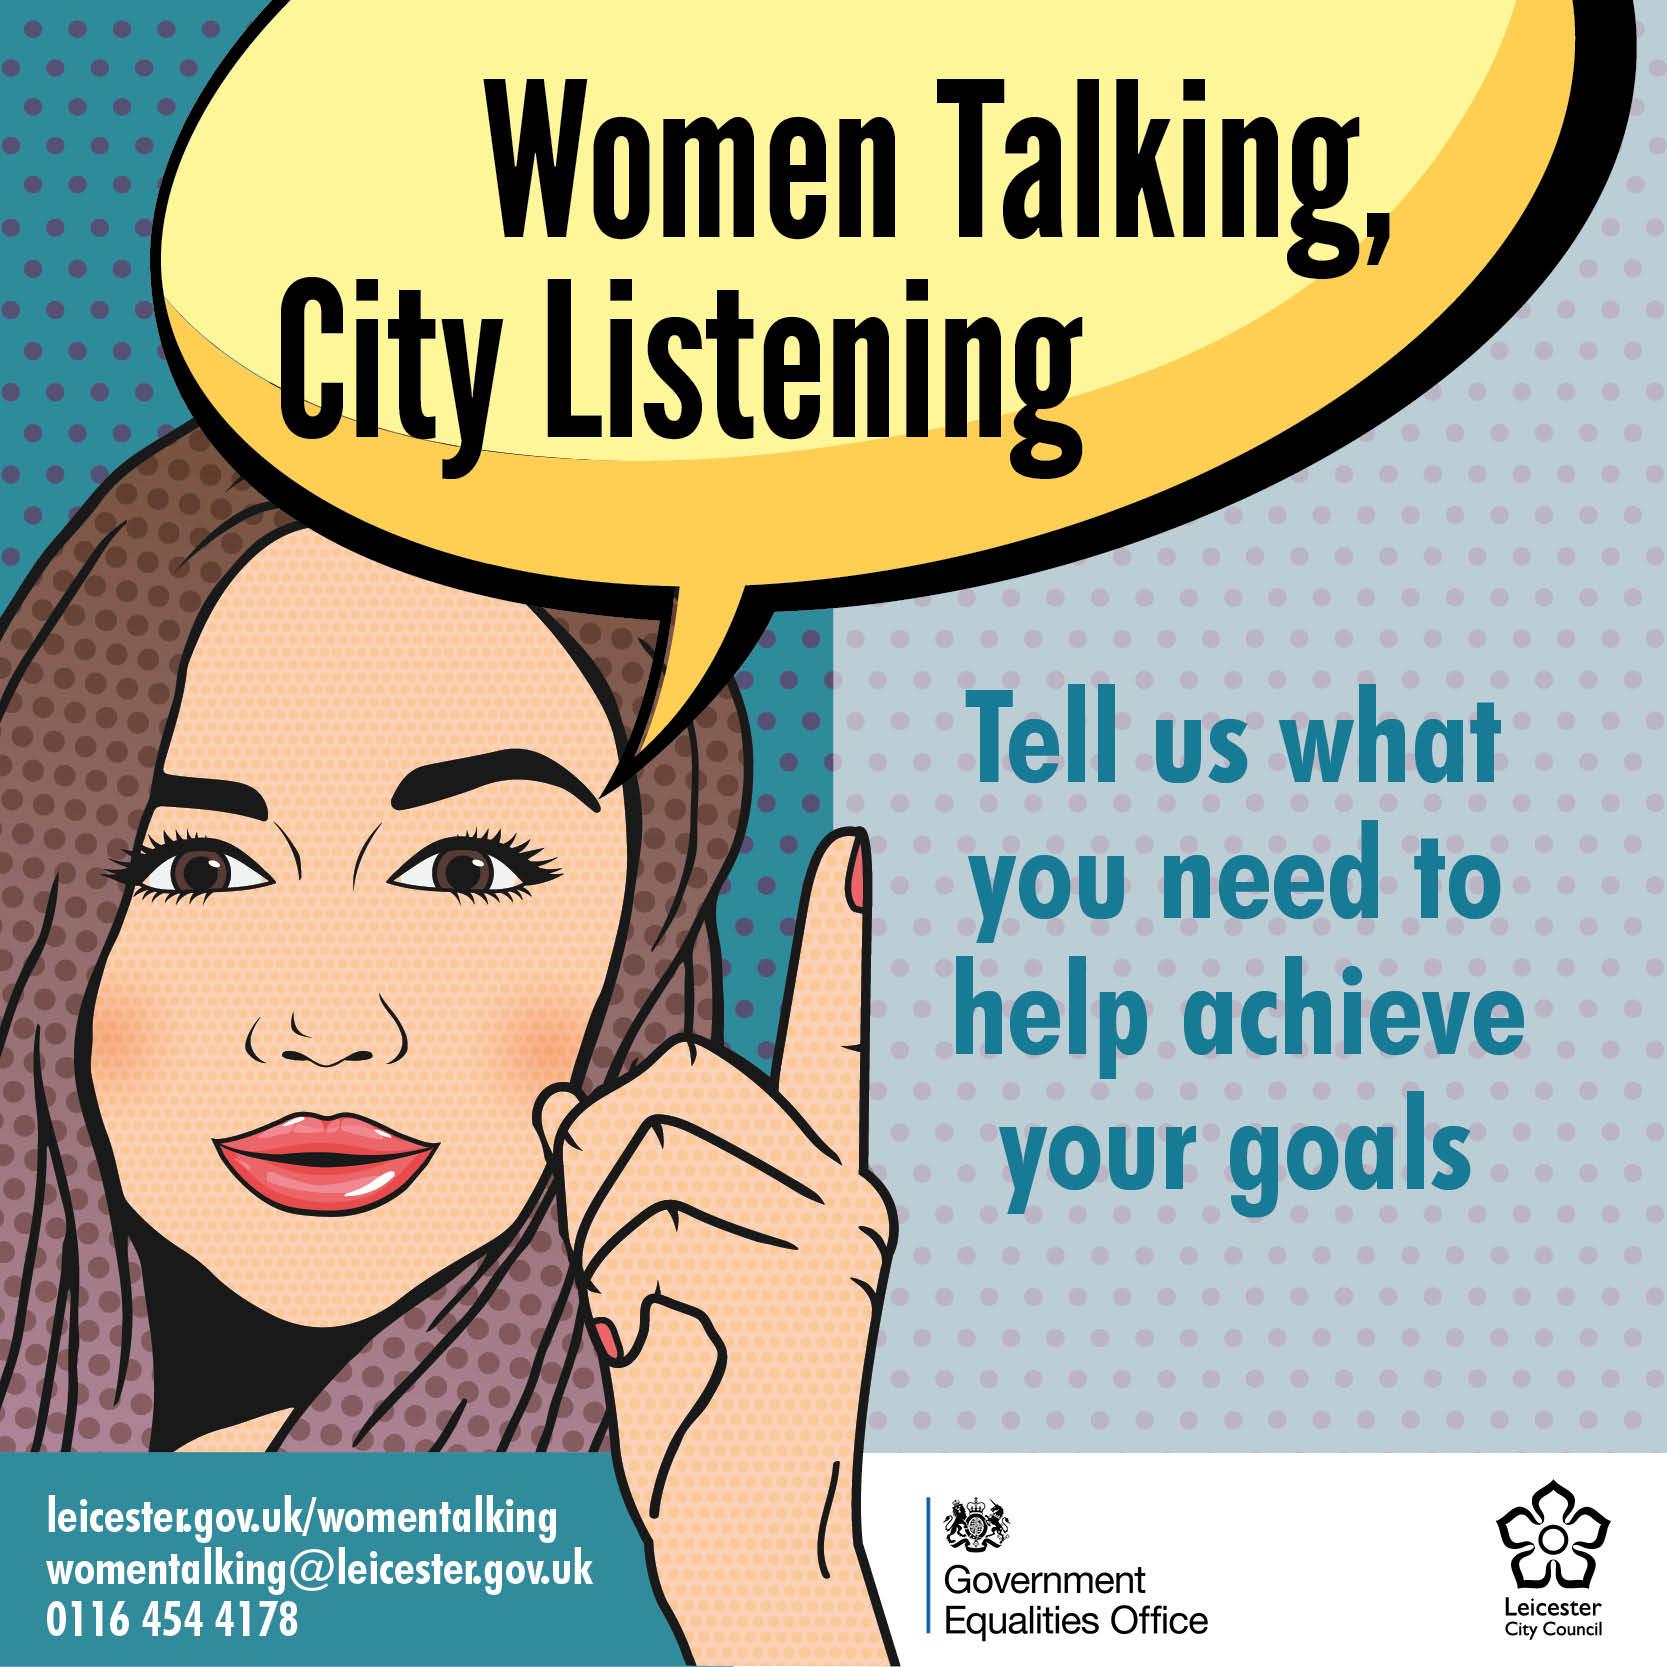 Women Talking, City Listening: Take part in a survey